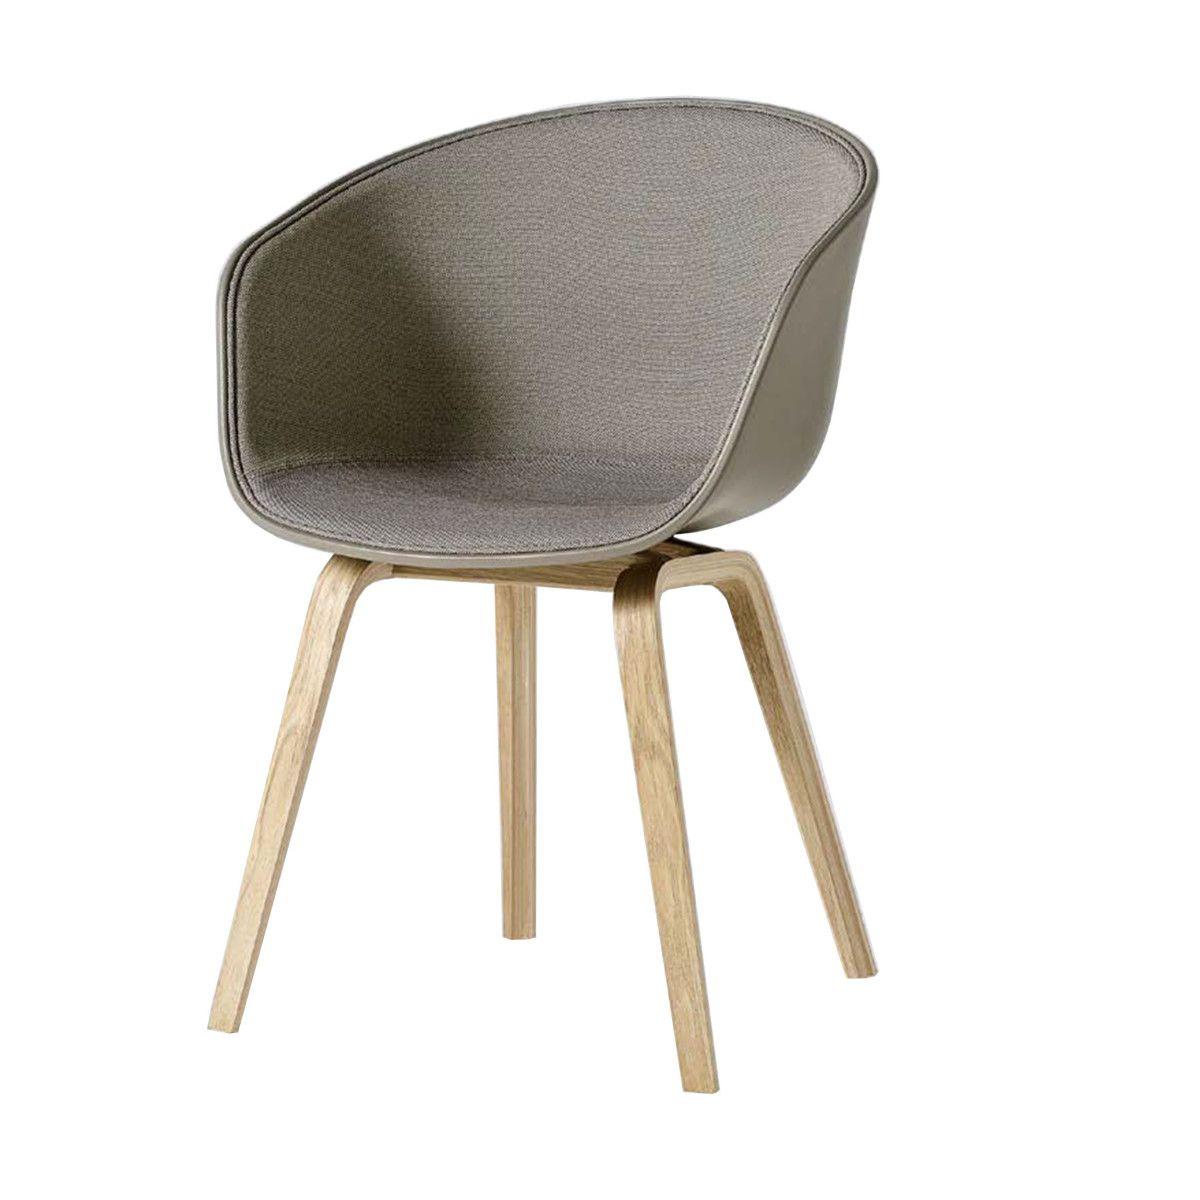 Pin By Ladendirekt On Stühle Und Hocker Pinterest Stühle